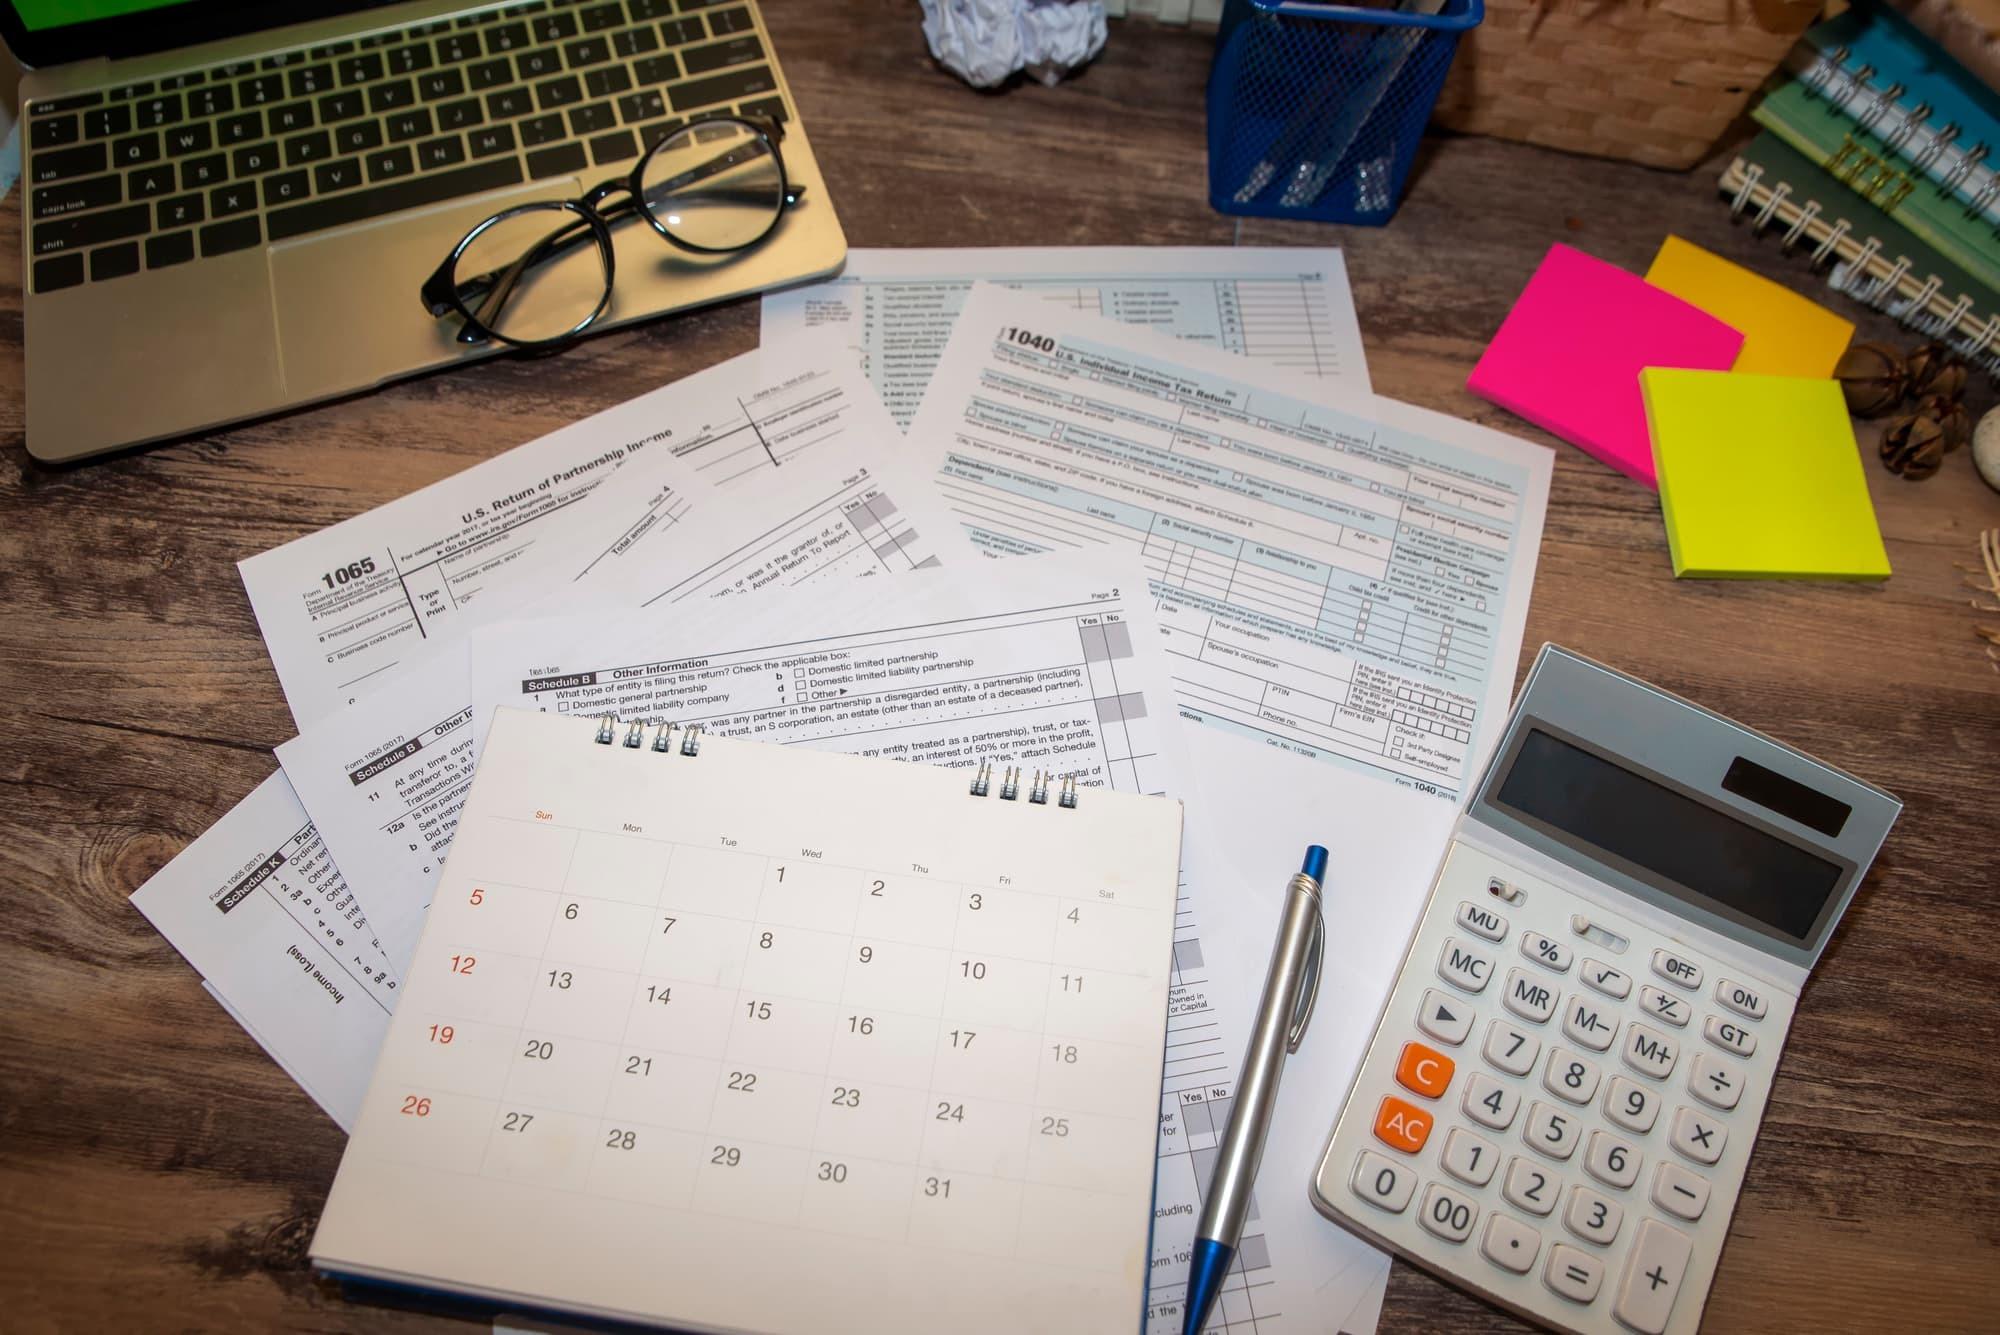 減税制度を利用するため必要な書類と手続き